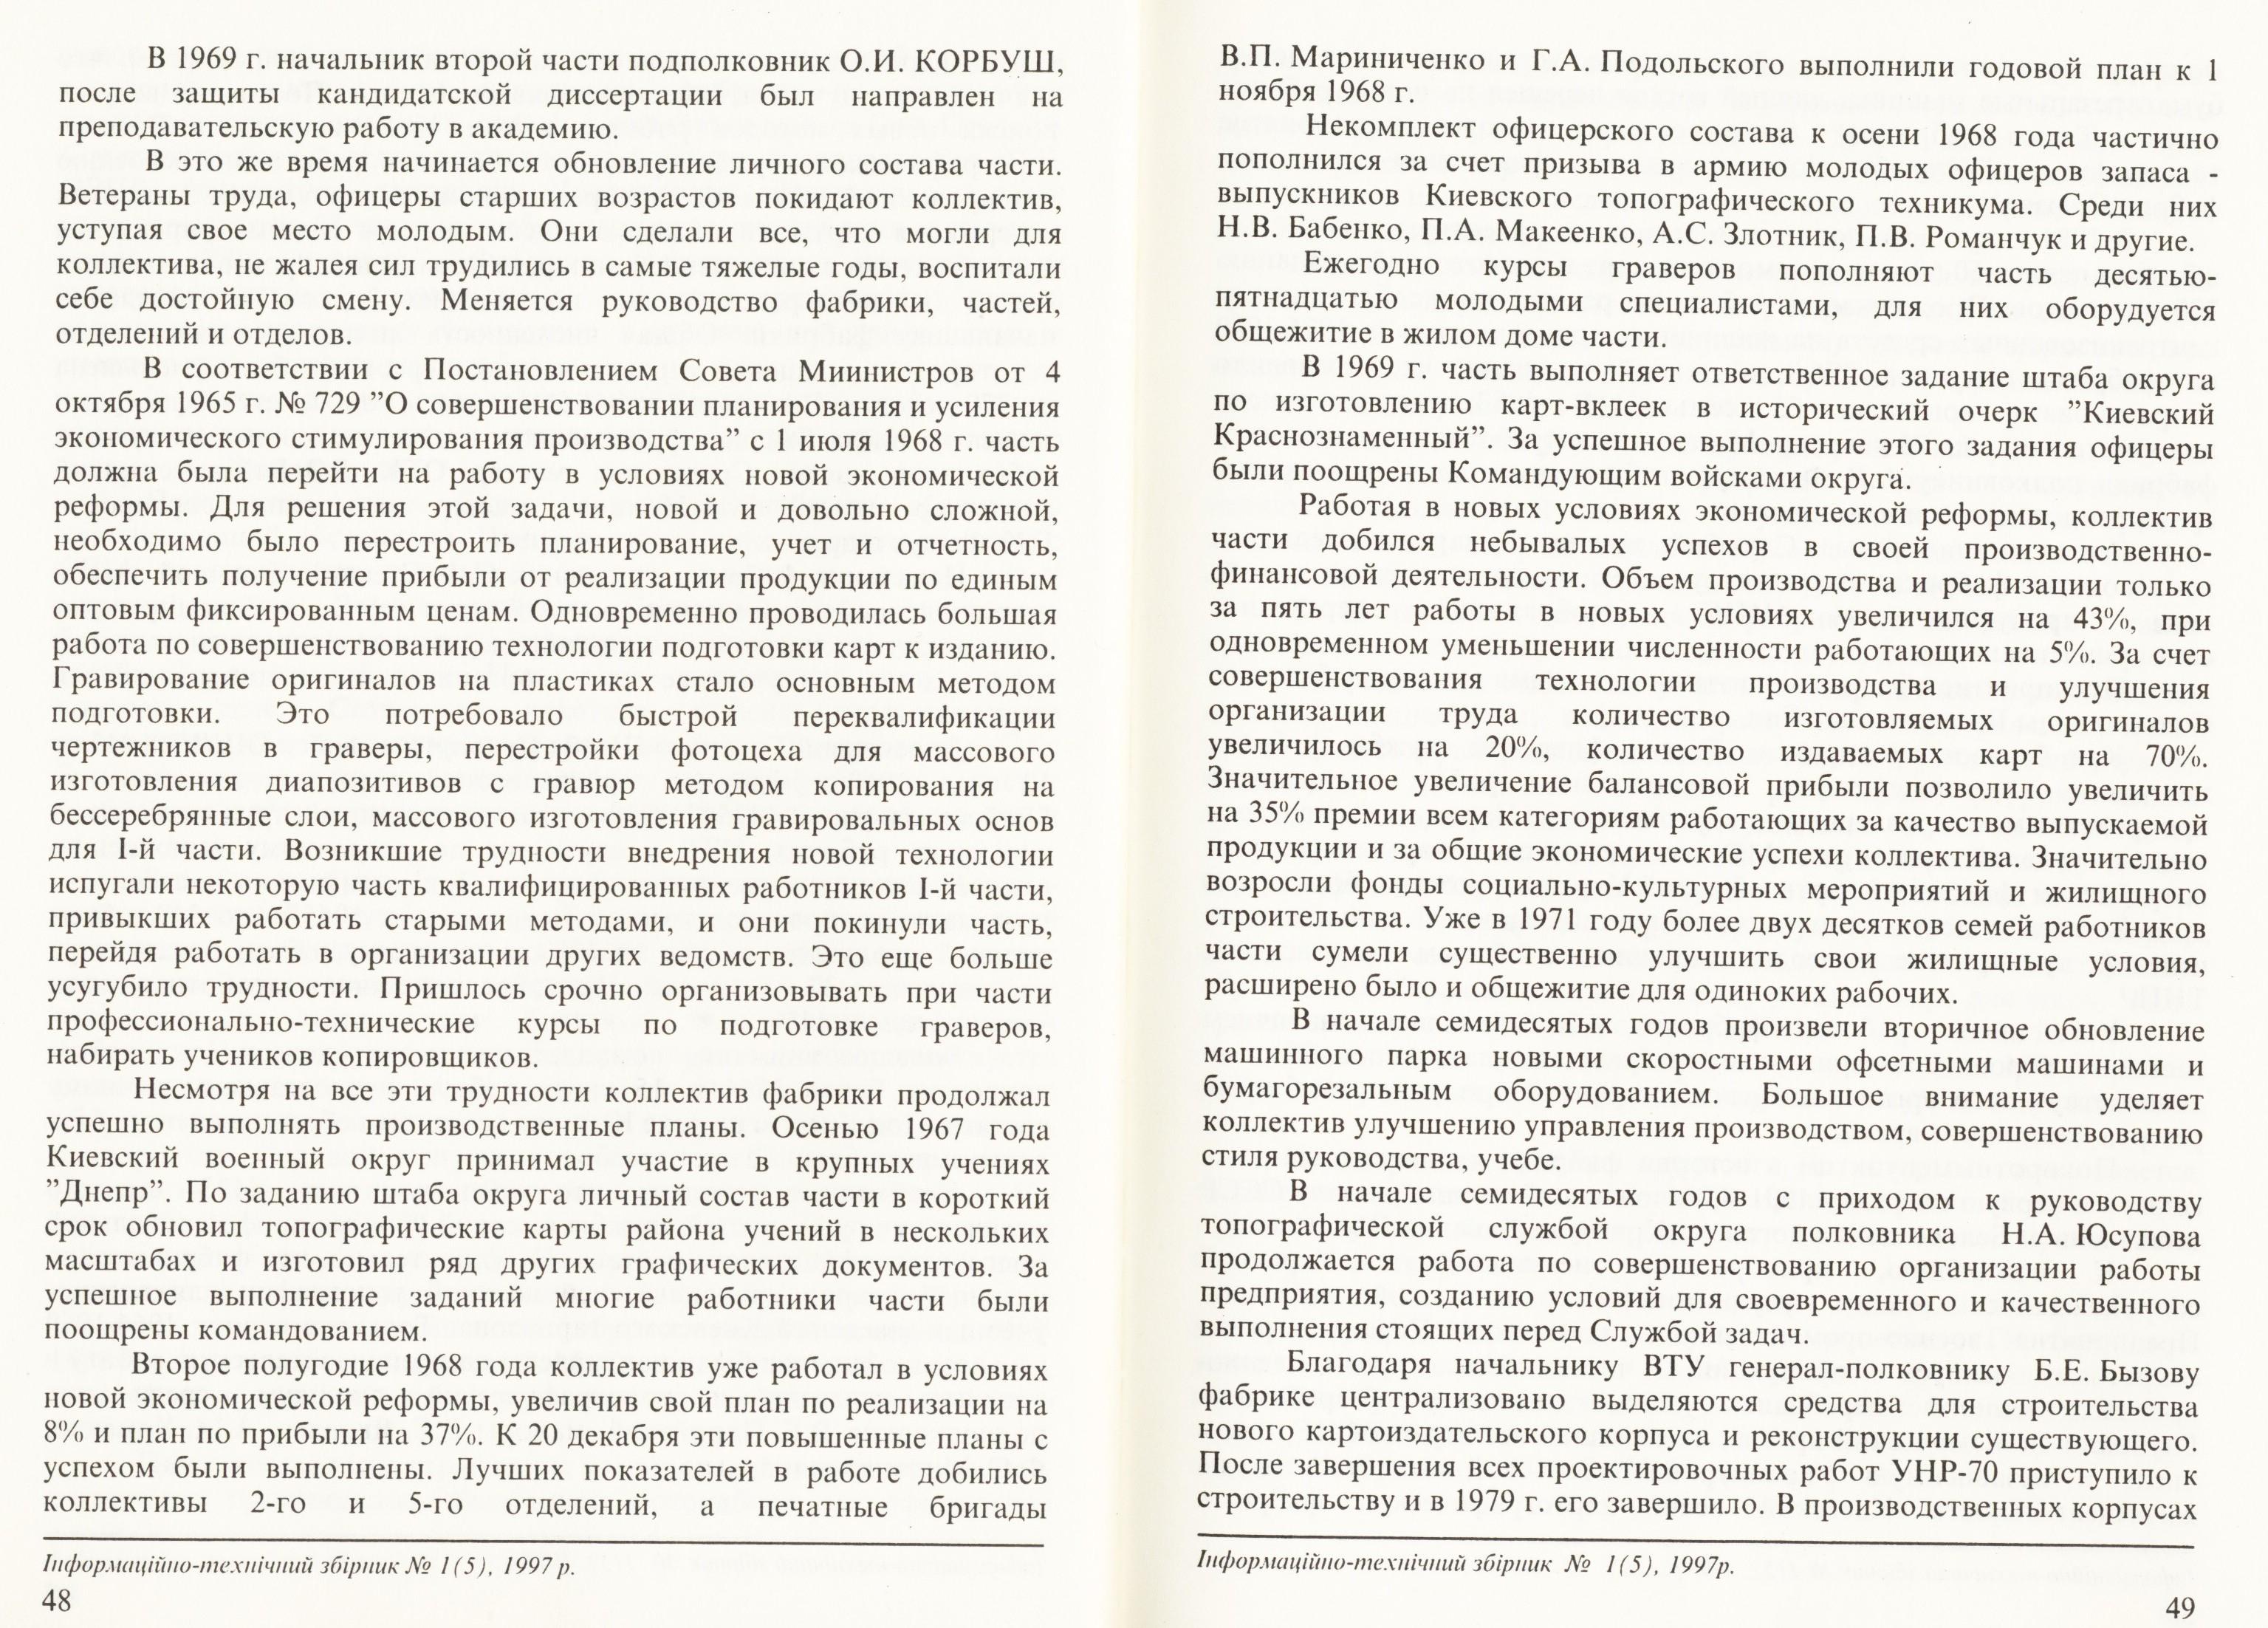 http://s8.uploads.ru/U0QoT.jpg